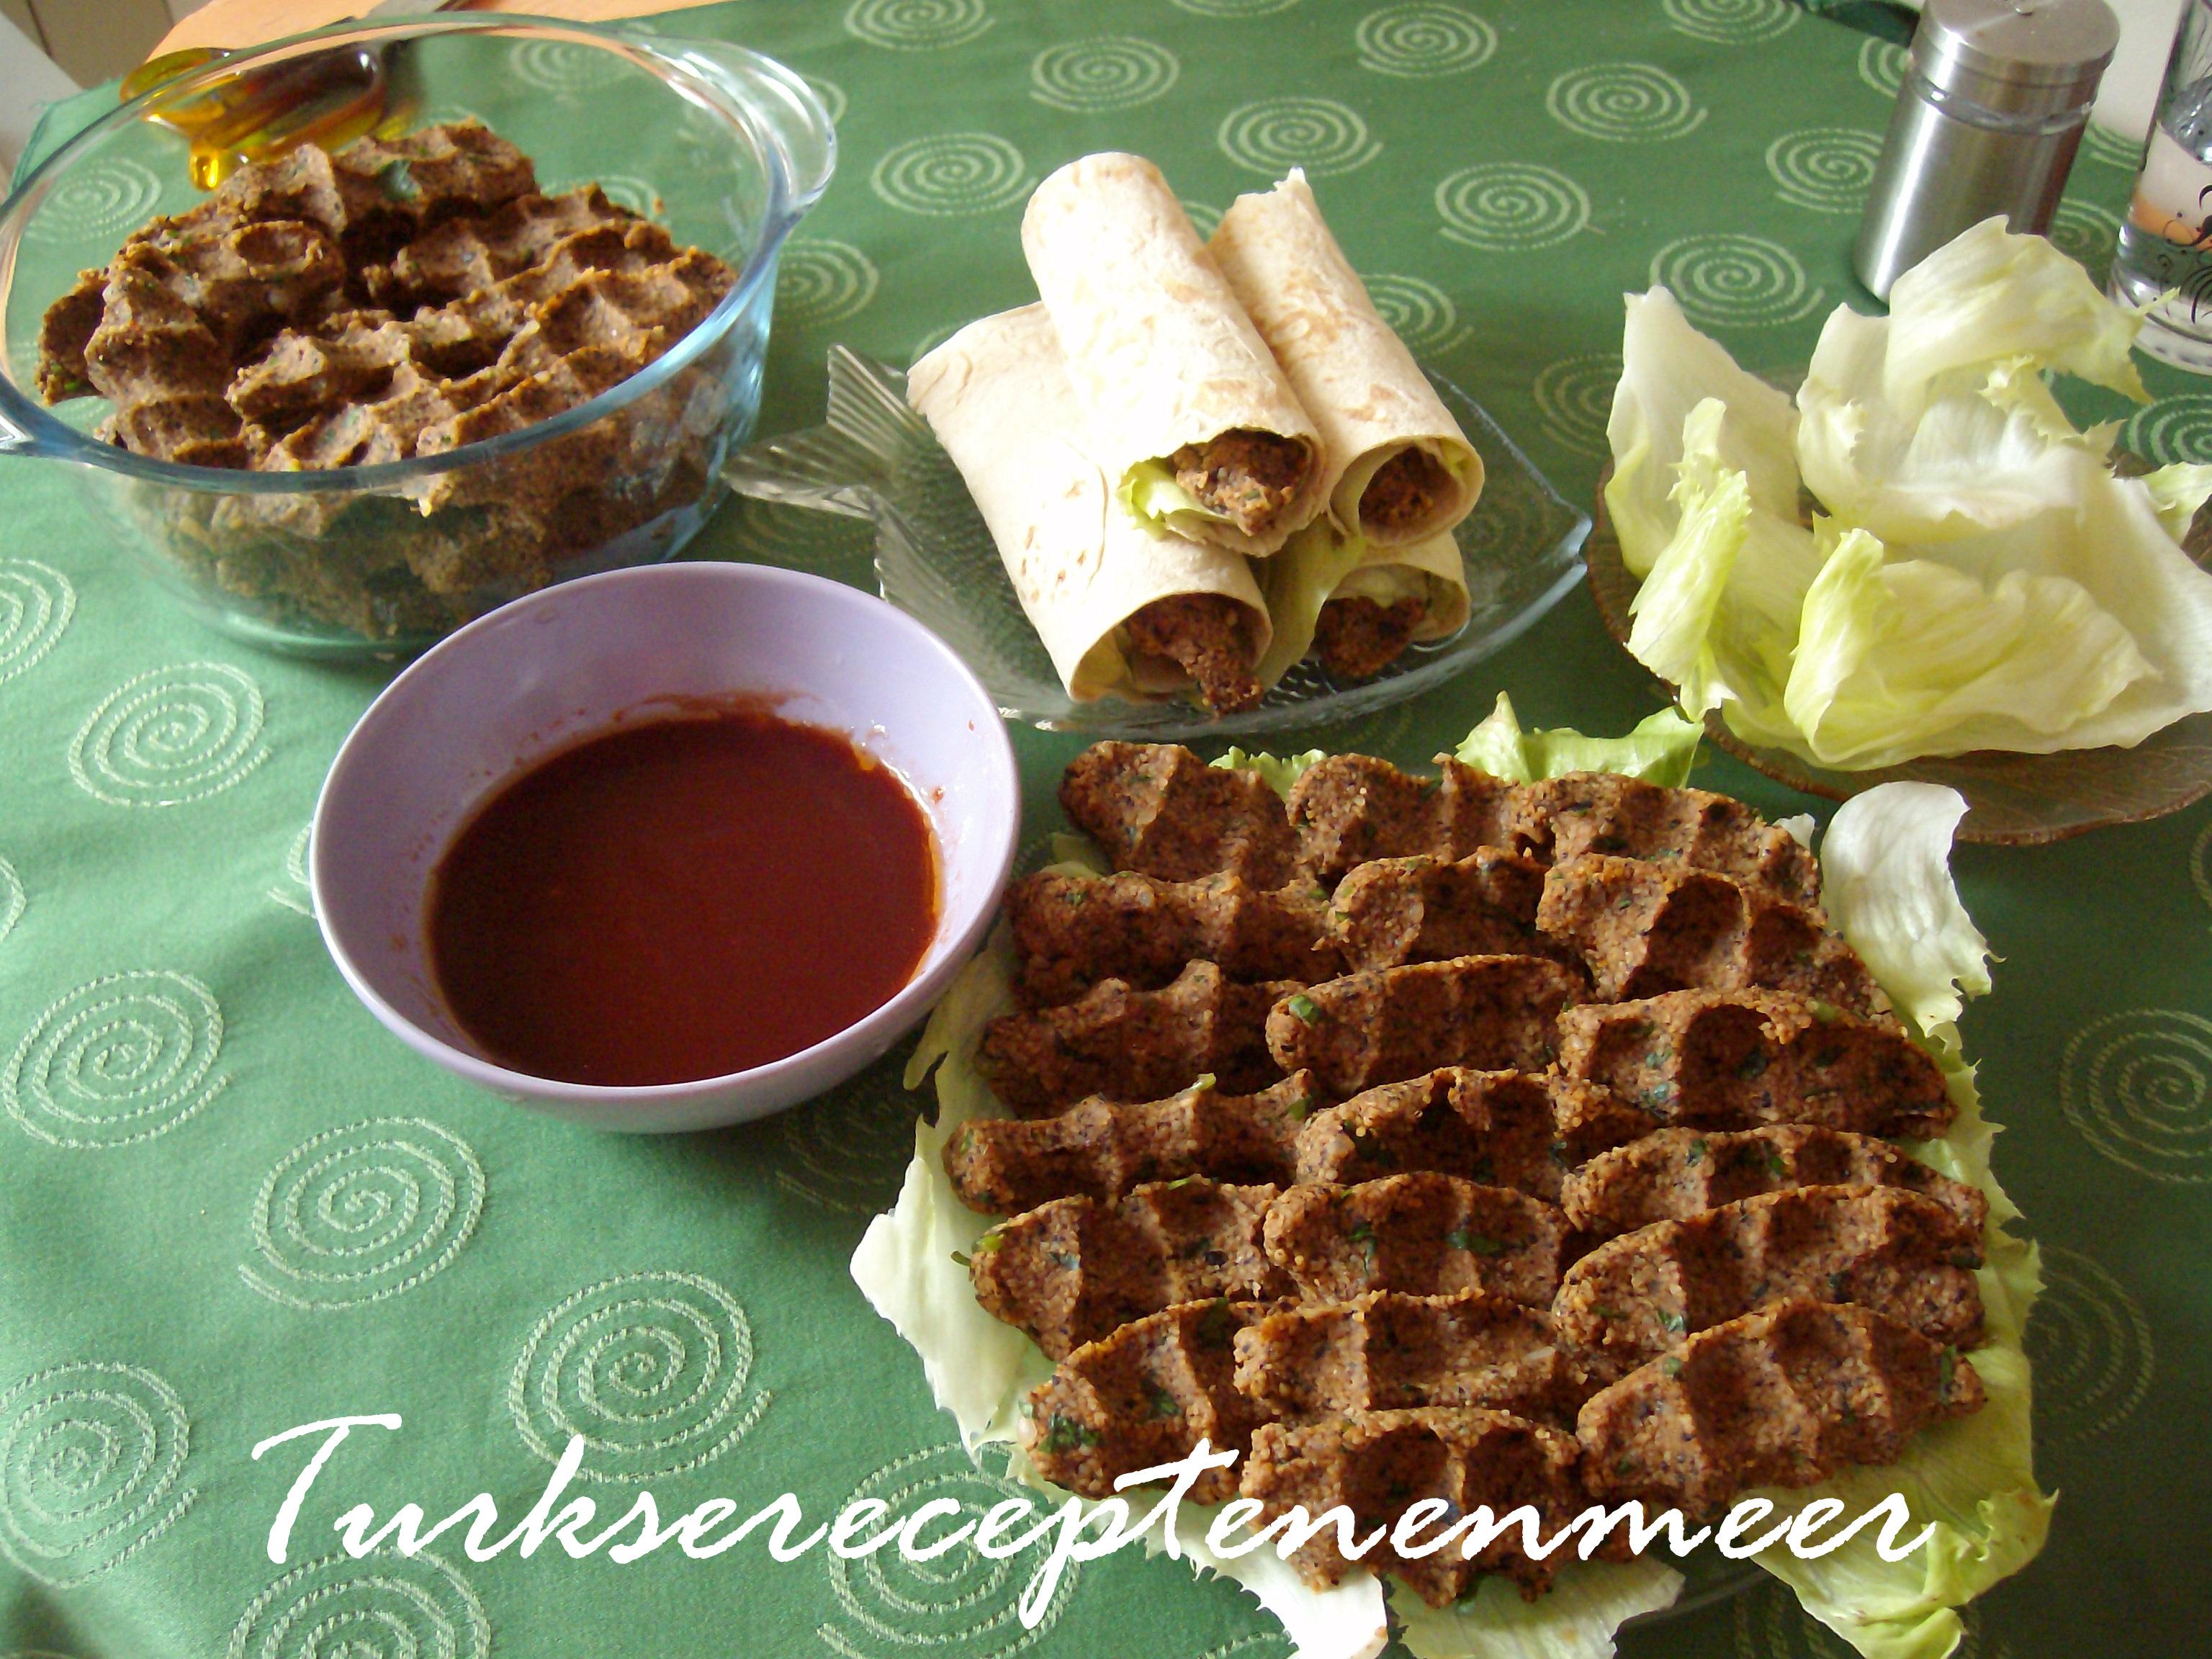 Turkse recepten en meer – gemakkelijk te maken turkse lekkerijen ...